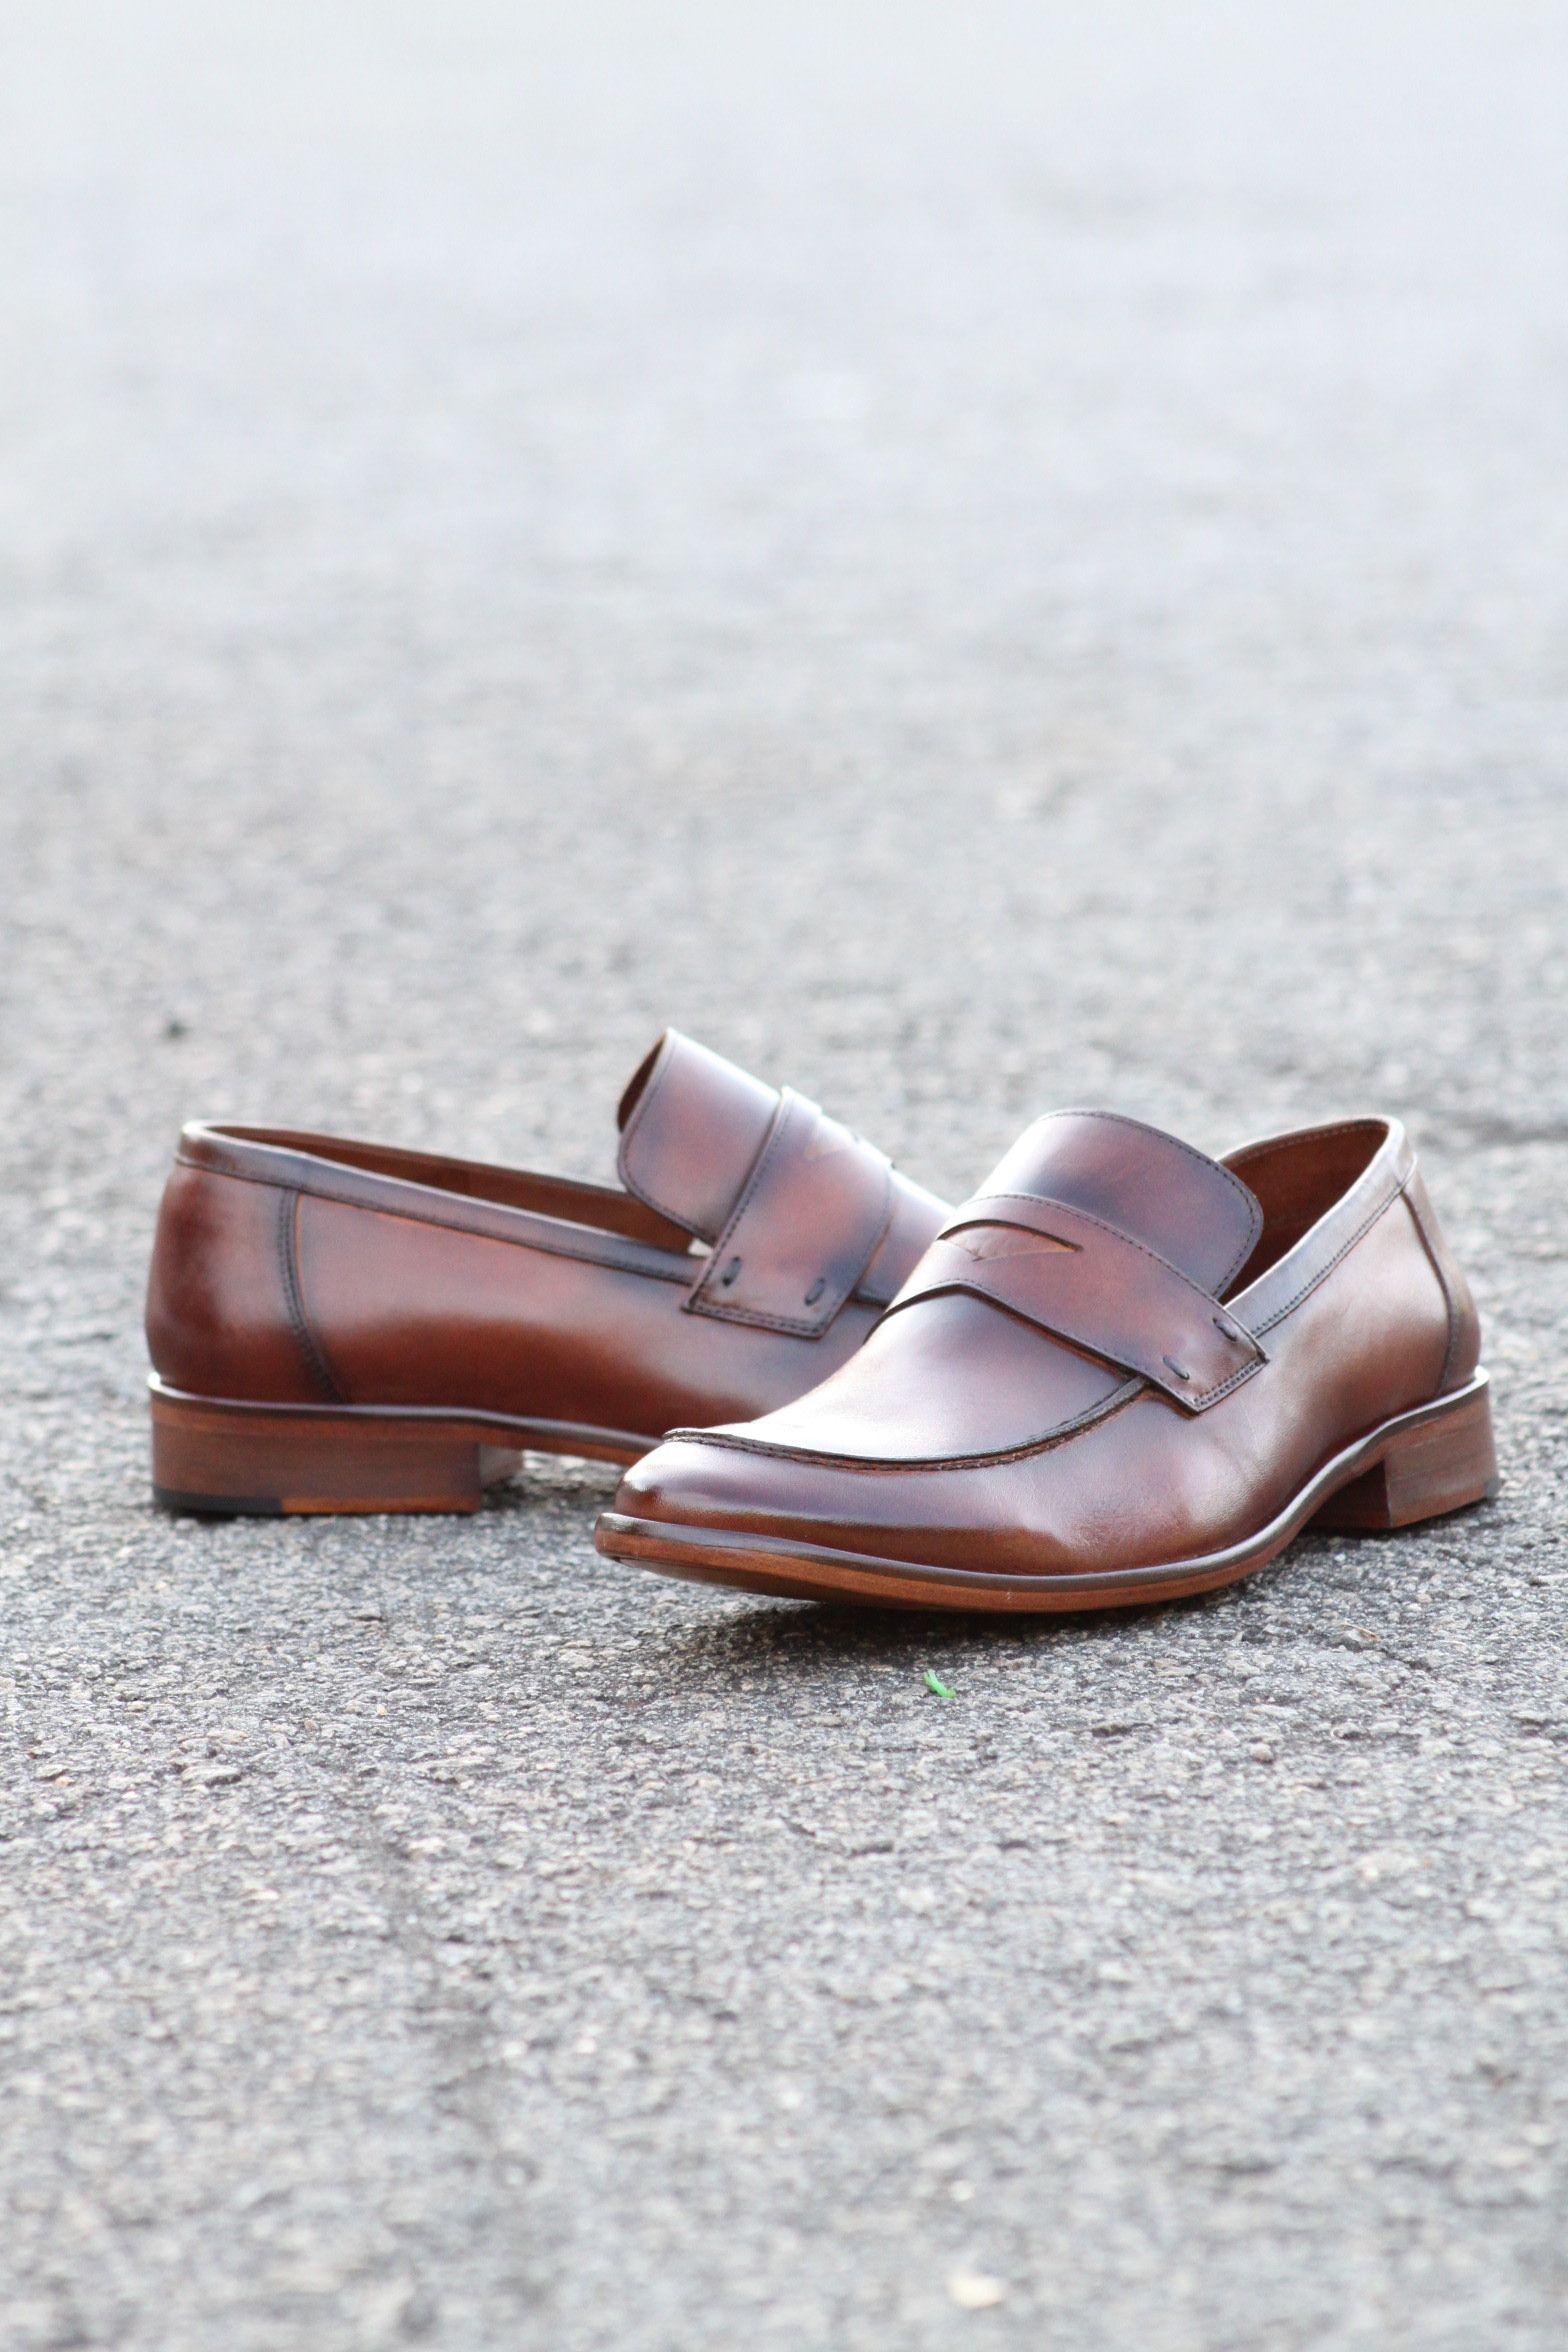 99b8109f13 Sapato Masculino Loafer CNS Jack em couro cor Damasco com sola de couro e  forro de couro. #cns #cnsmais #masculina #loafer #mocassim #couro #leather # shoes ...